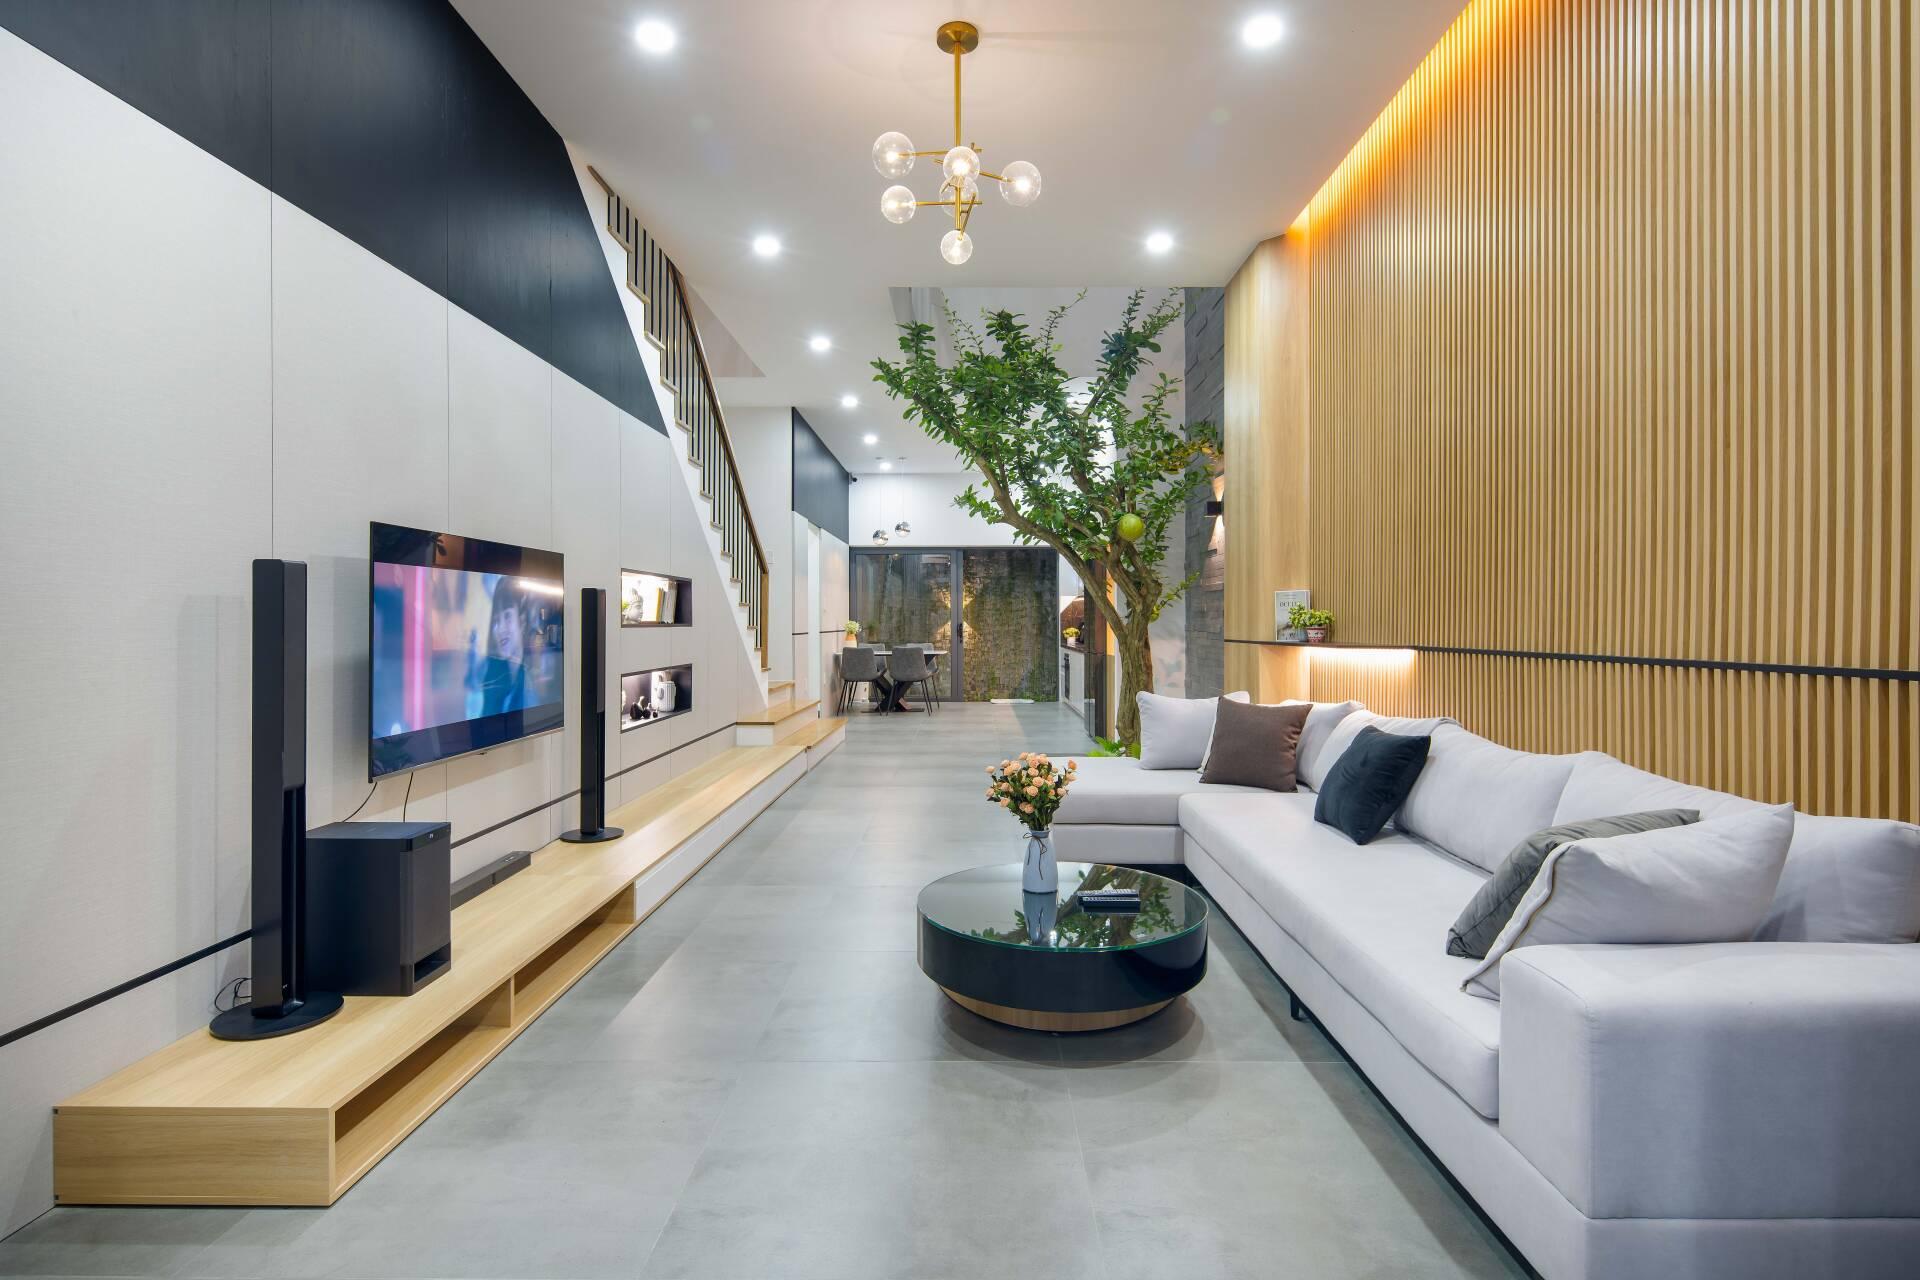 Không gian sinh hoạt chung ở tầng 1 bao gồm: phòng khách, phòng bếp - ăn, gara để xe